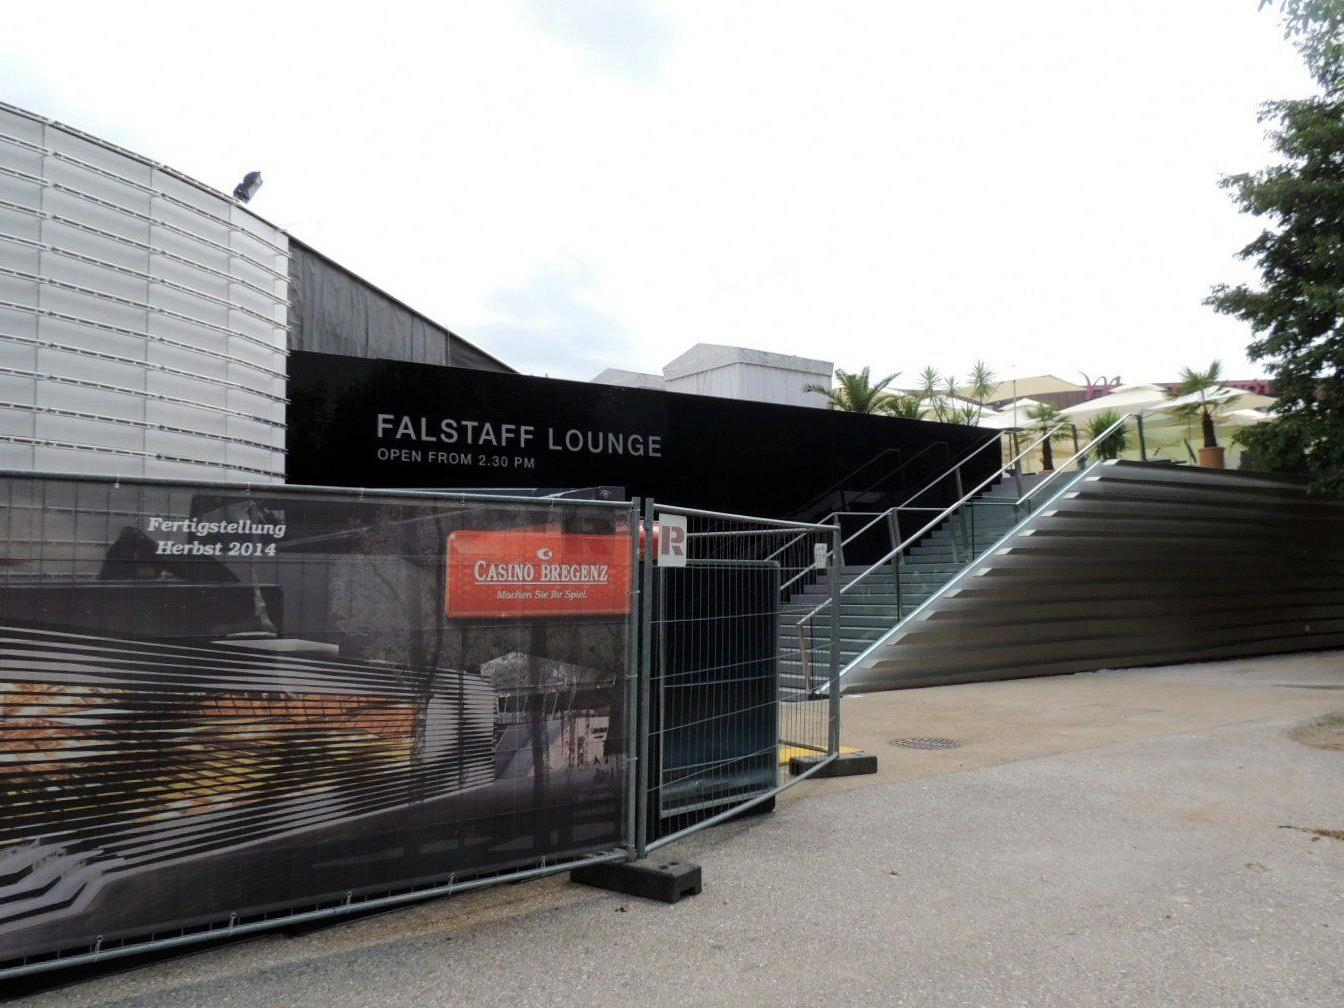 Terrasse und Falstaff Lounge sind bereits fertig